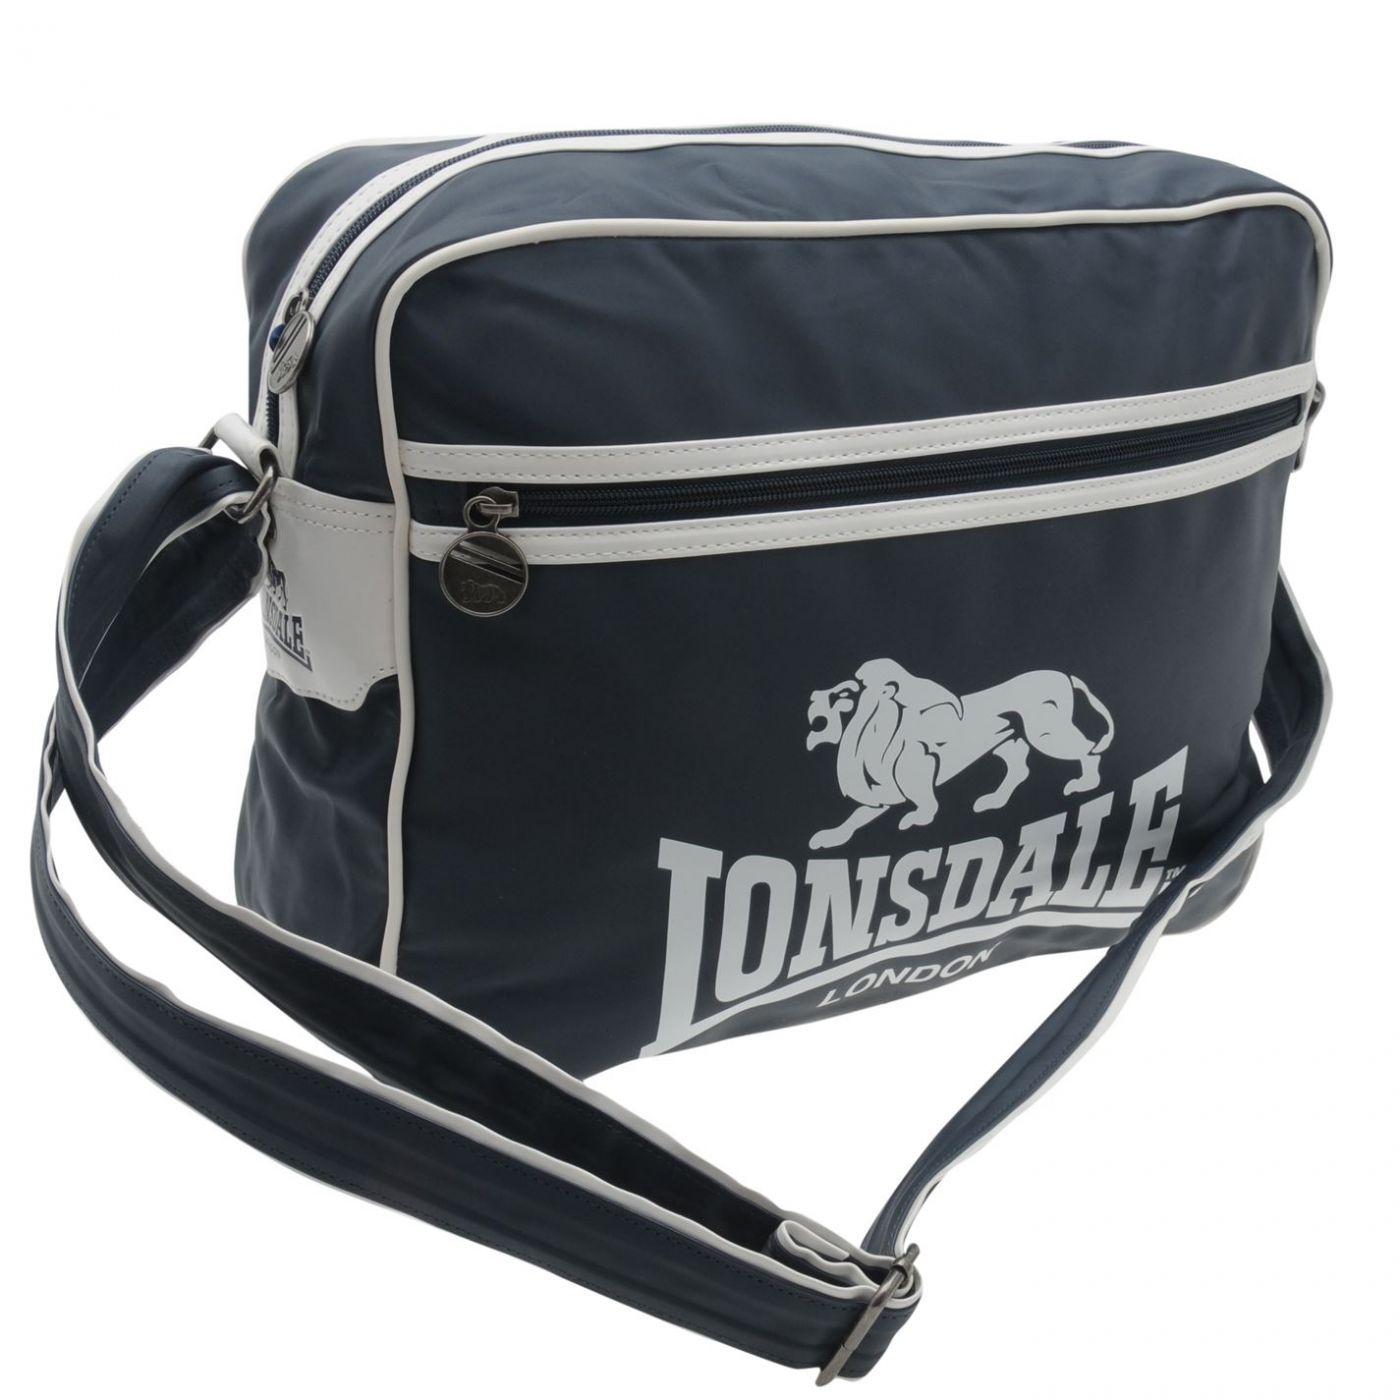 Lonsdale Flight Bag